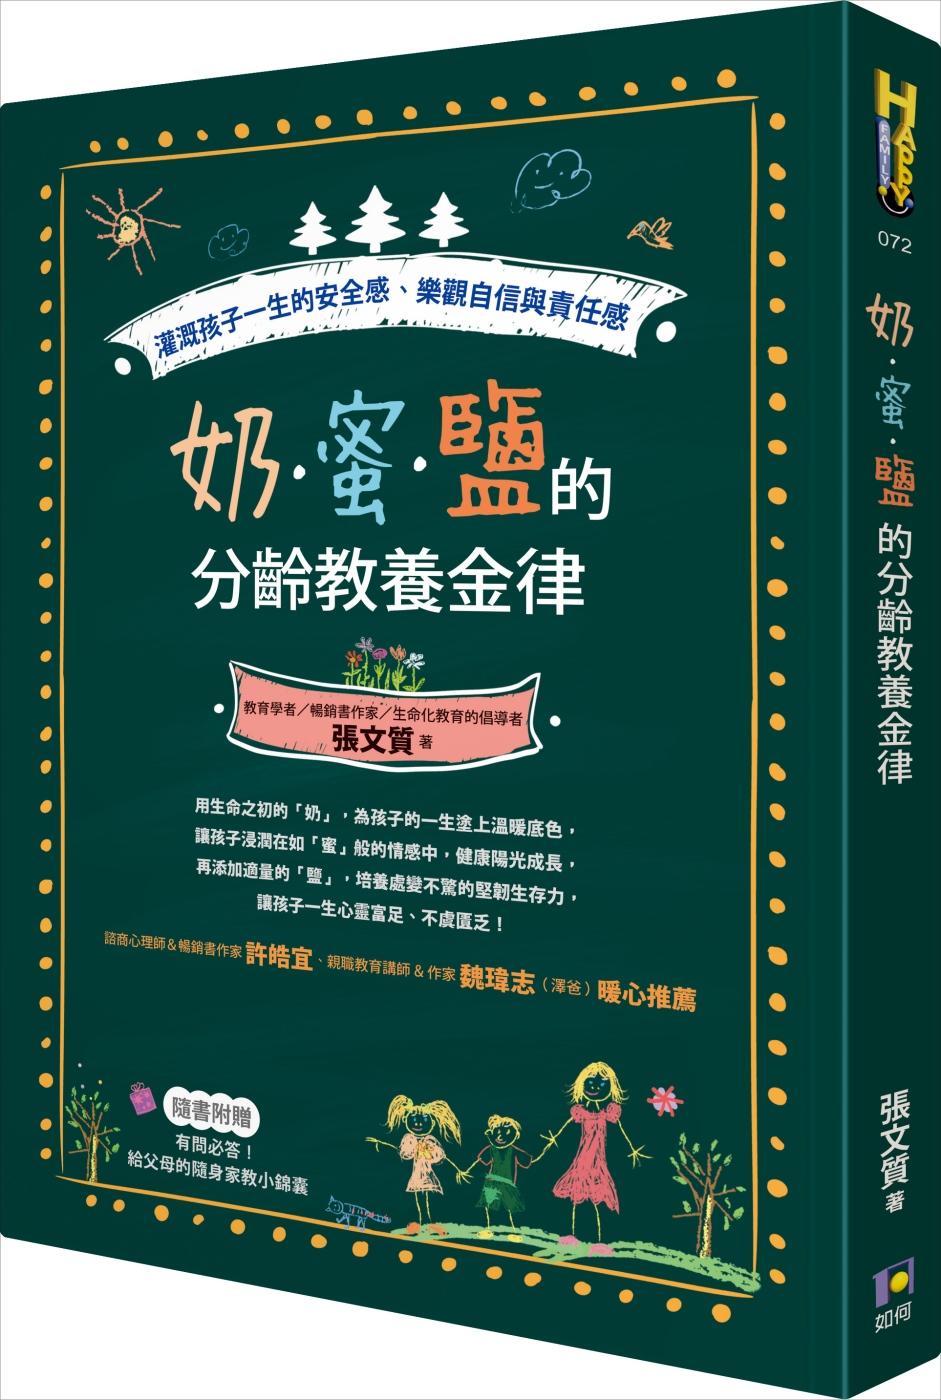 ◤博客來BOOKS◢ 暢銷書榜《推薦》奶‧蜜‧鹽的分齡教養金律:灌溉孩子一生的安全感、樂觀自信與責任感